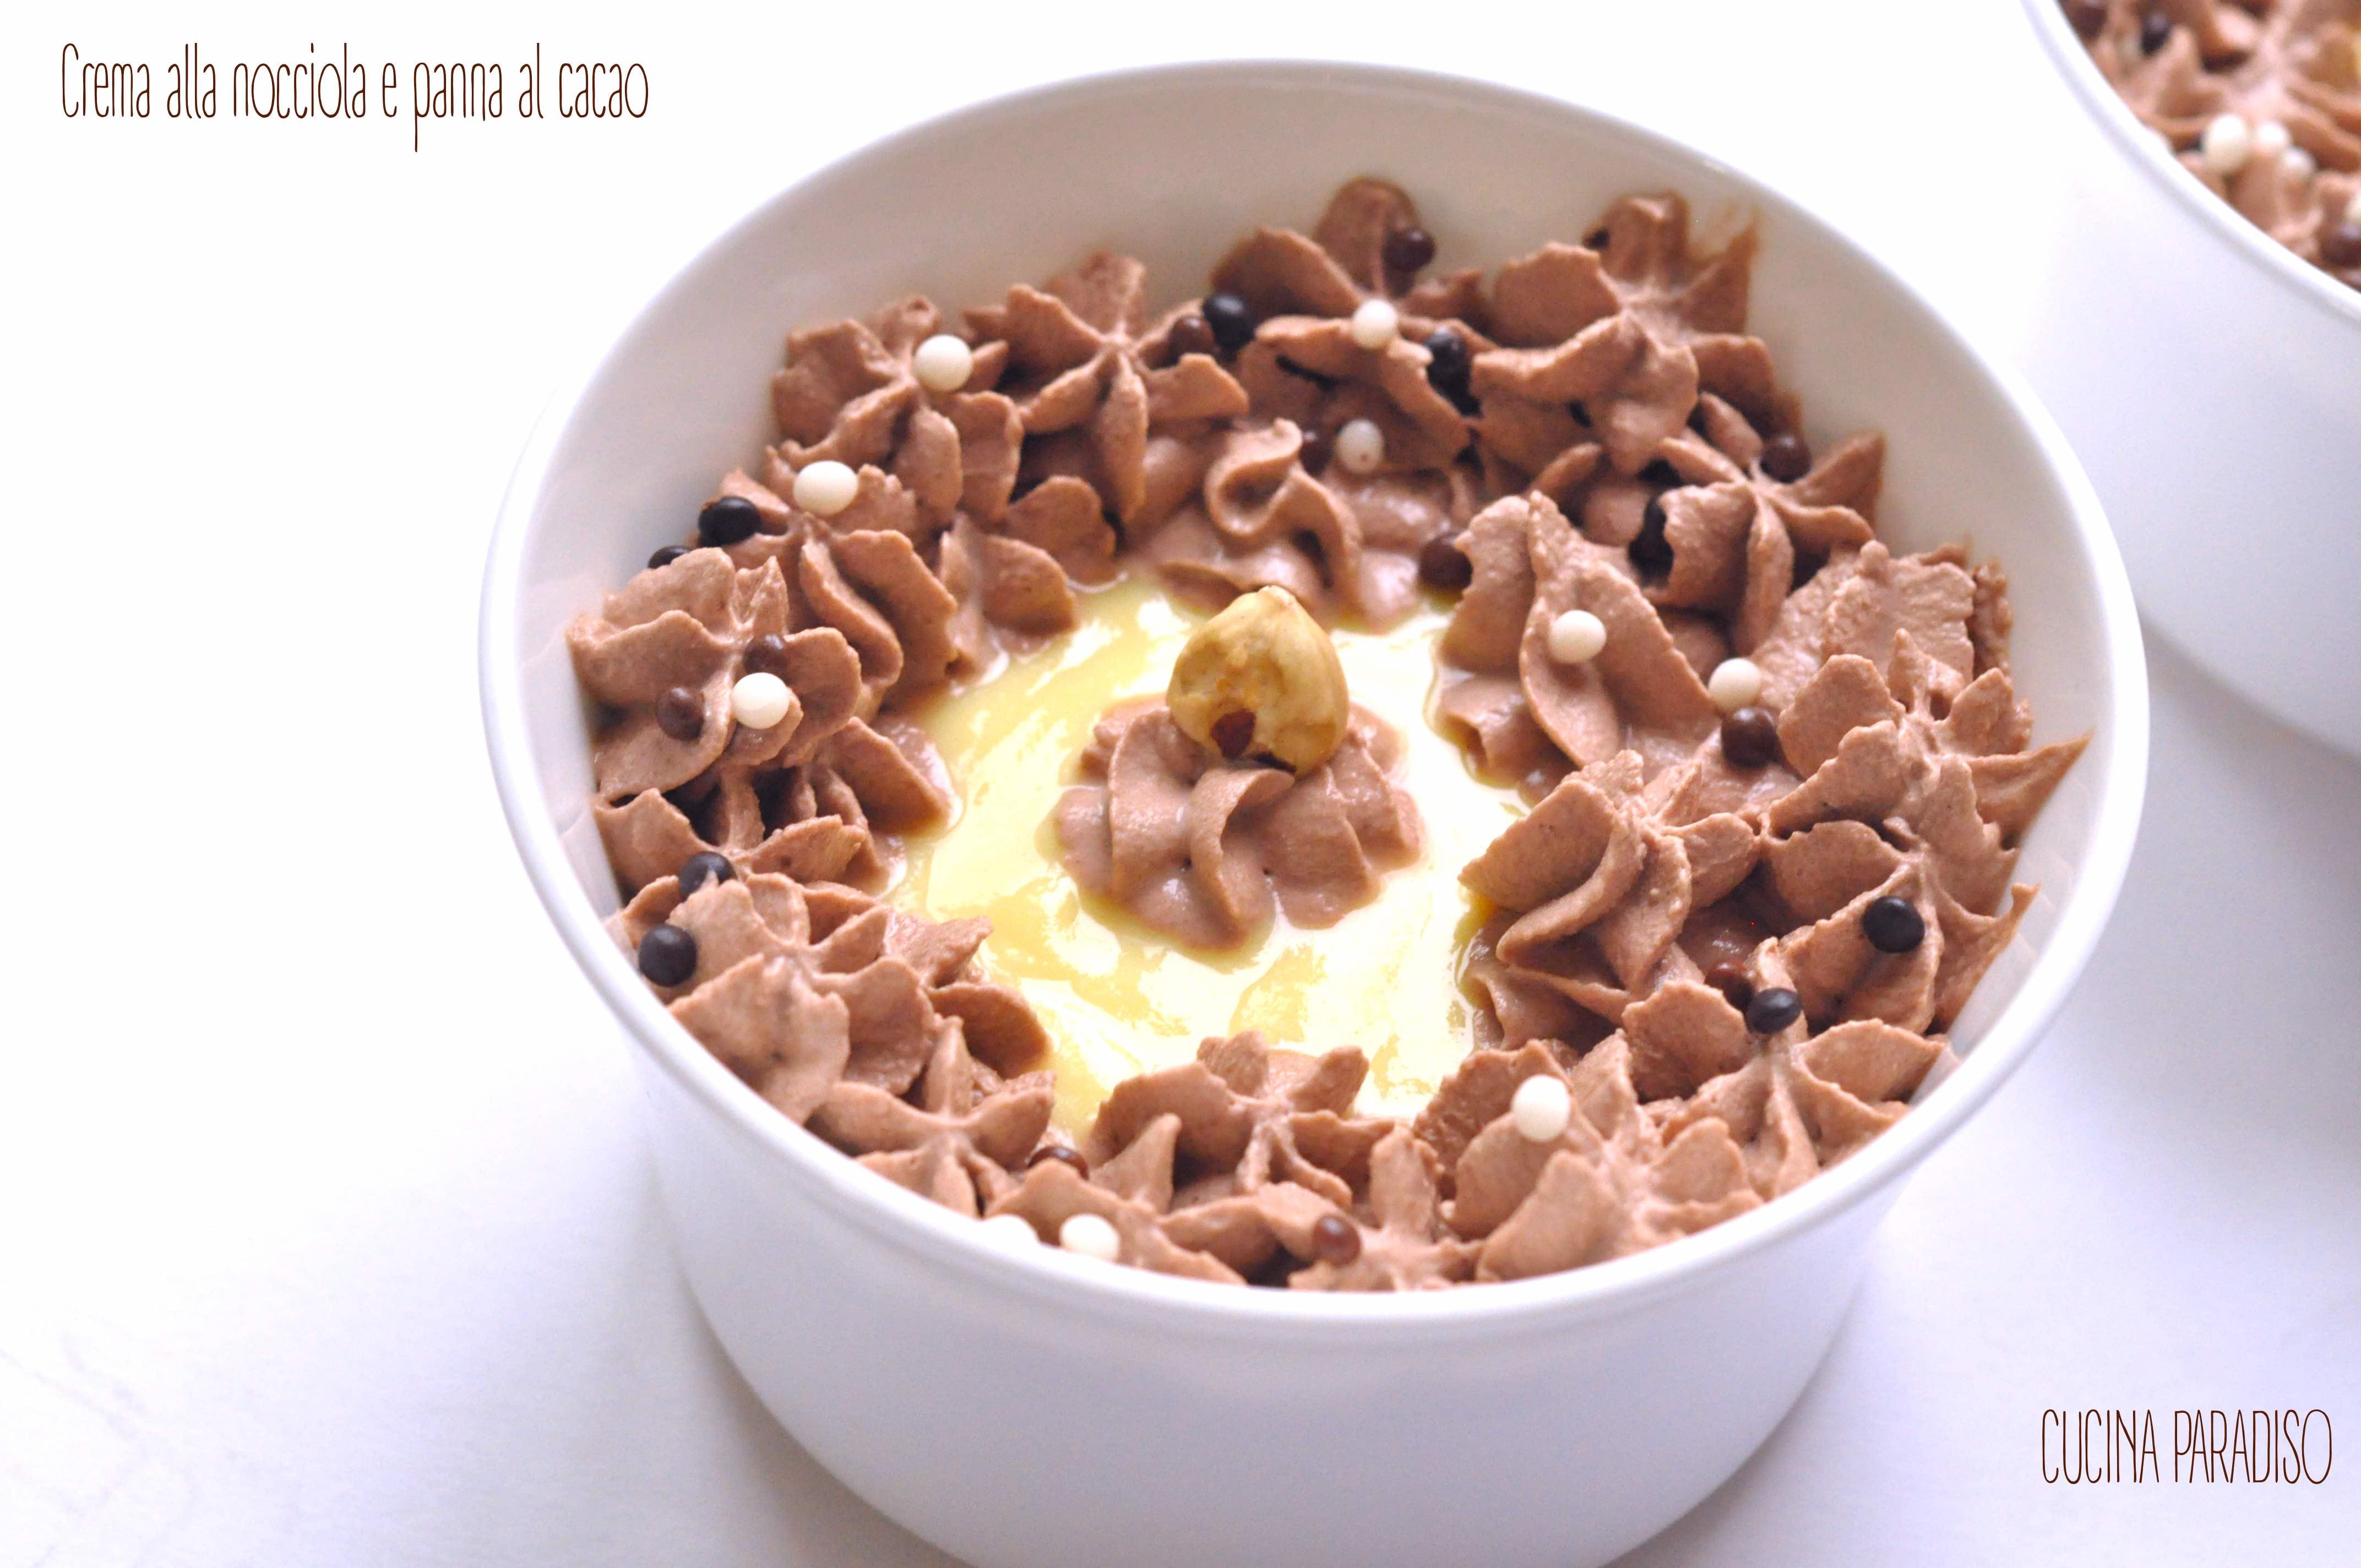 crema-alla-nocciola-e-panna-al-cacao2